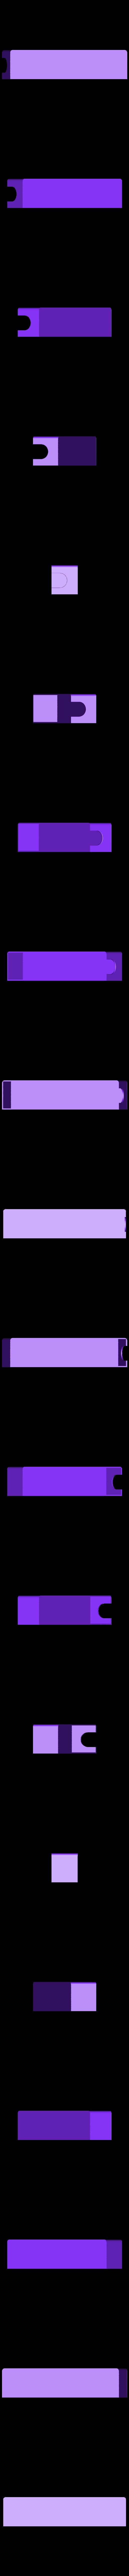 Name_Sign.stl Télécharger fichier STL gratuit Enseigne de nom - Décorez la lampe LED - Superbe idée de cadeau • Objet à imprimer en 3D, LetsPrintYT